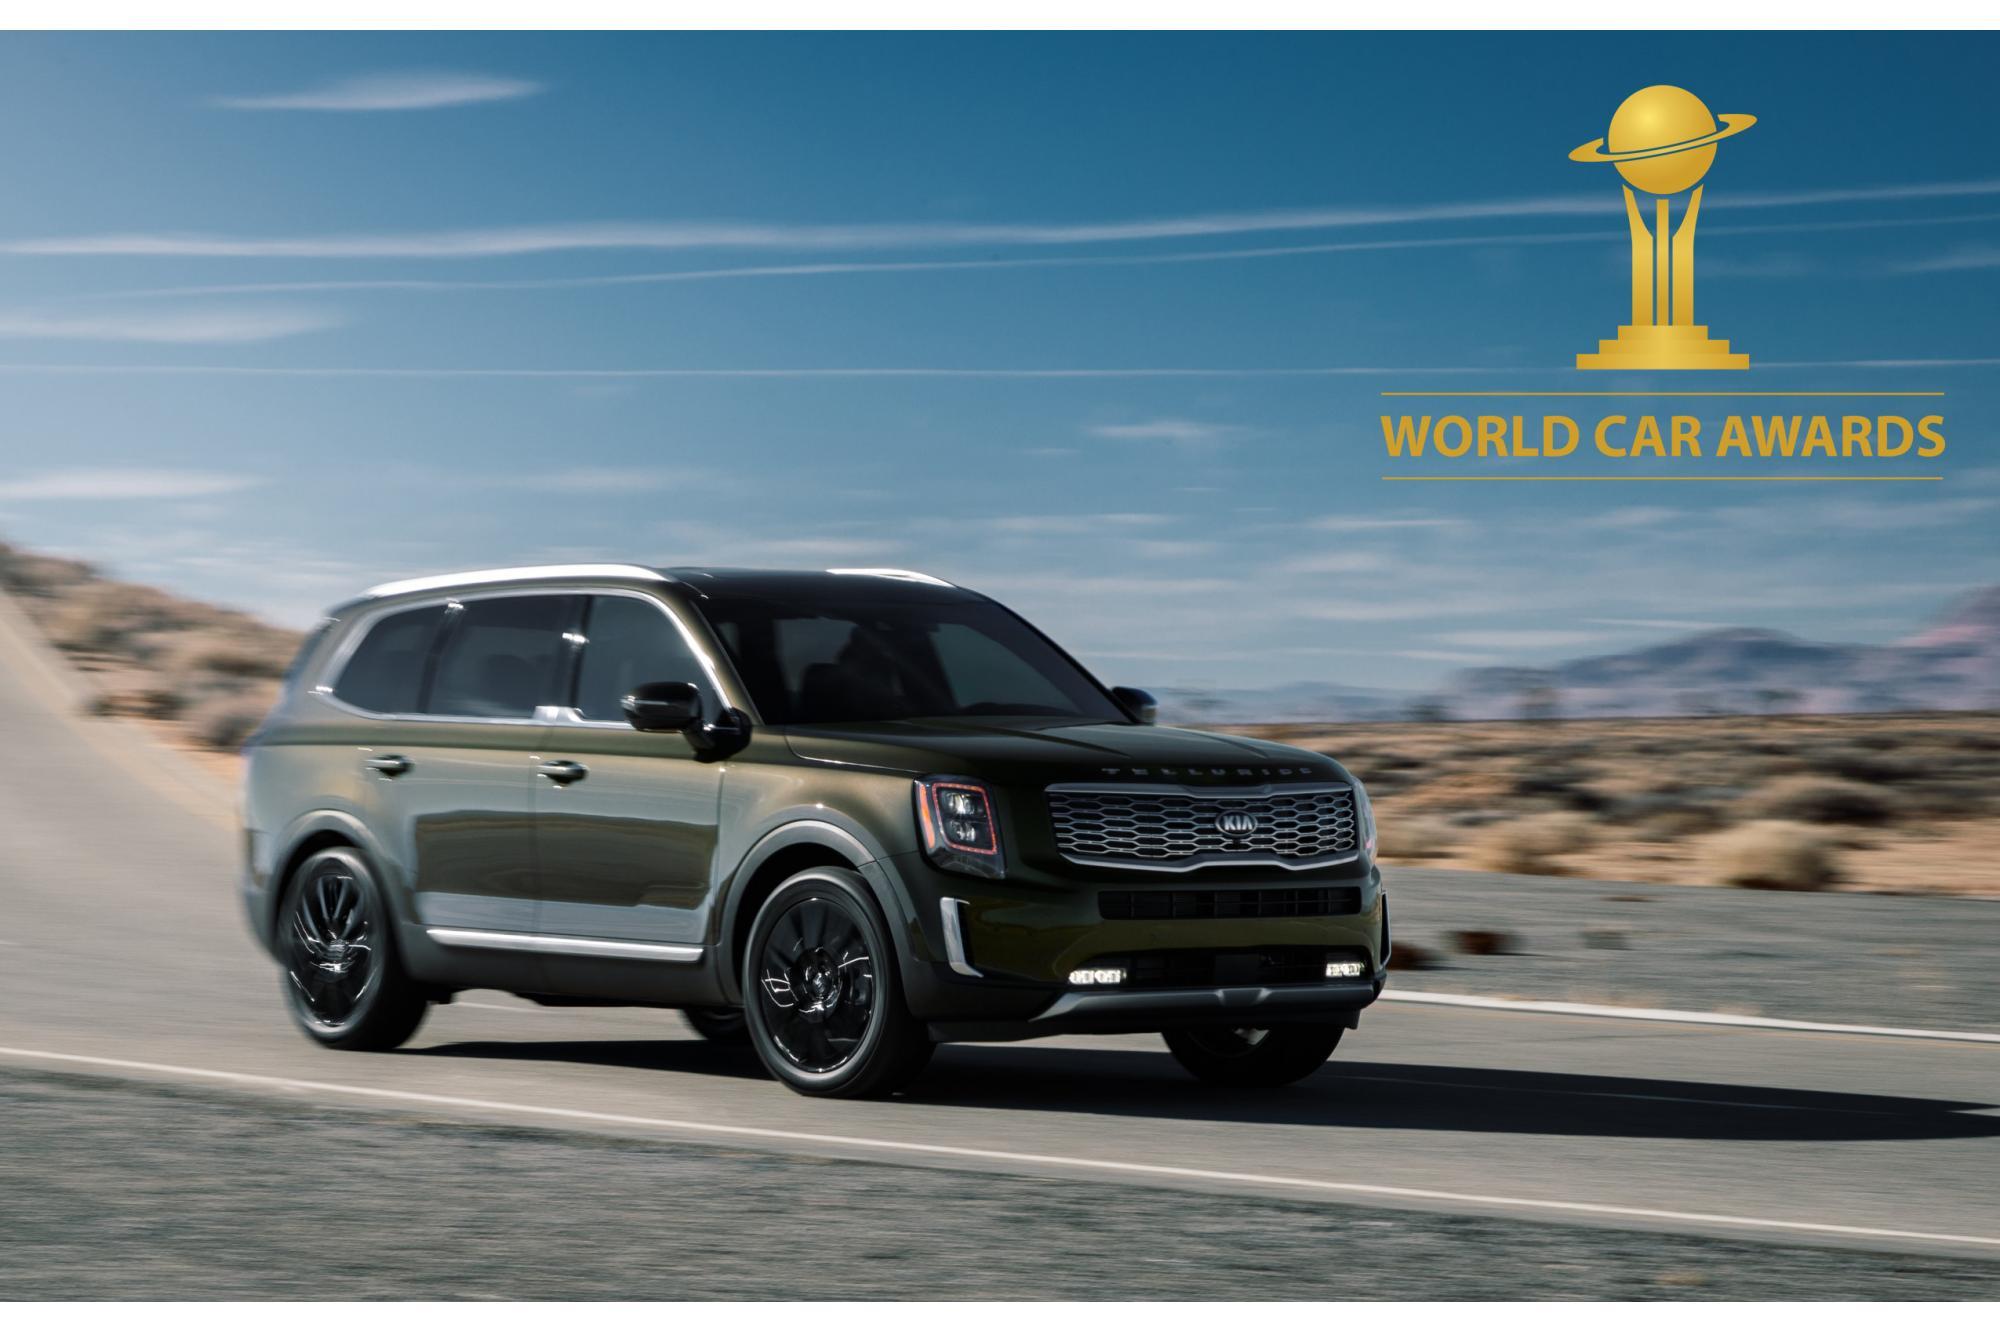 Τα Kia Soul EV και Telluride κατέκτησαν τα World Car Awards 2020